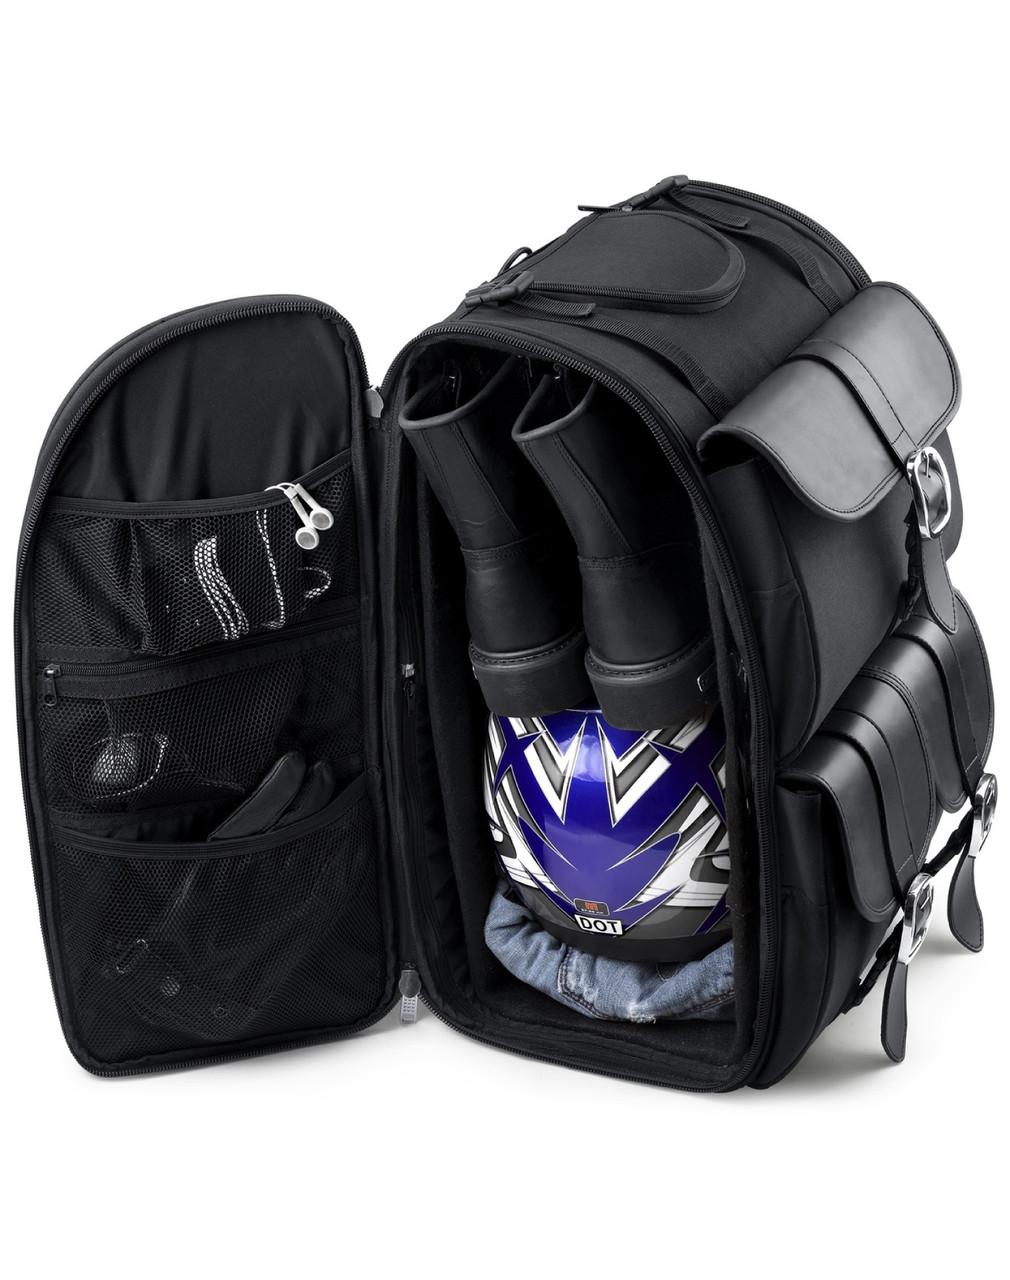 Suzuki Viking Extra Large Plain Motorcycle Tail Bag Storage View